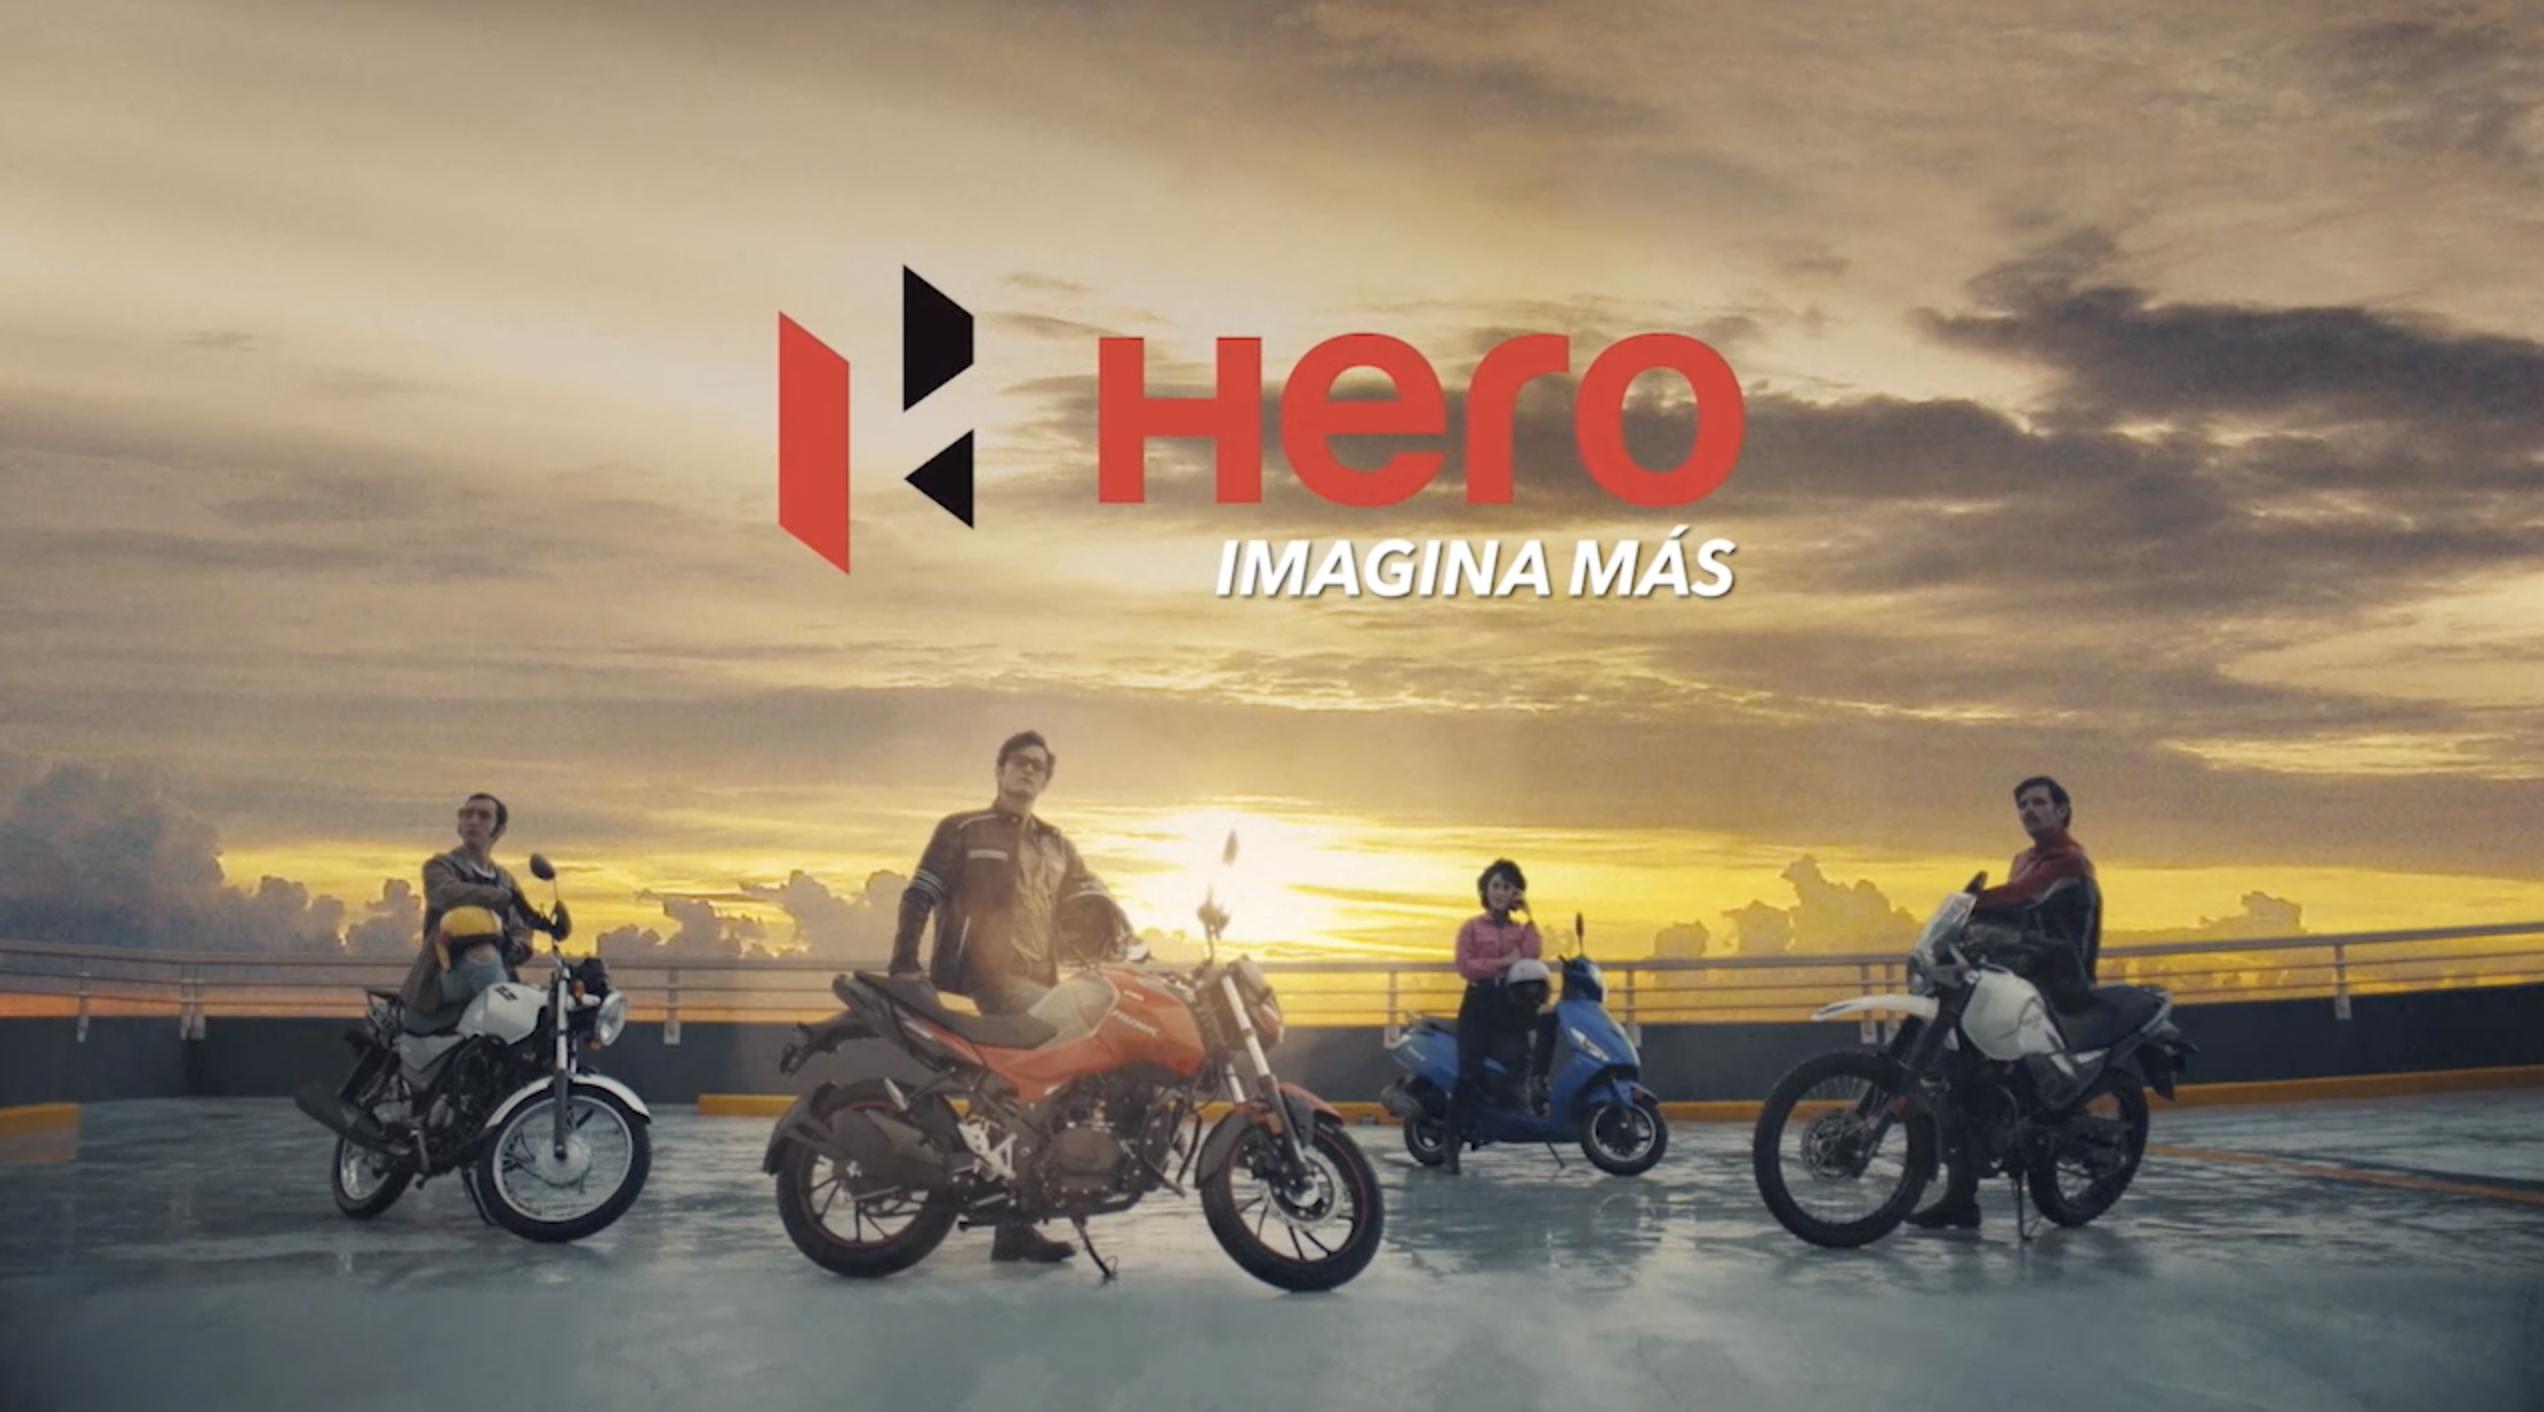 HERO llega a México y la agencia BOMBAY tiene a su cargo el lanzamiento